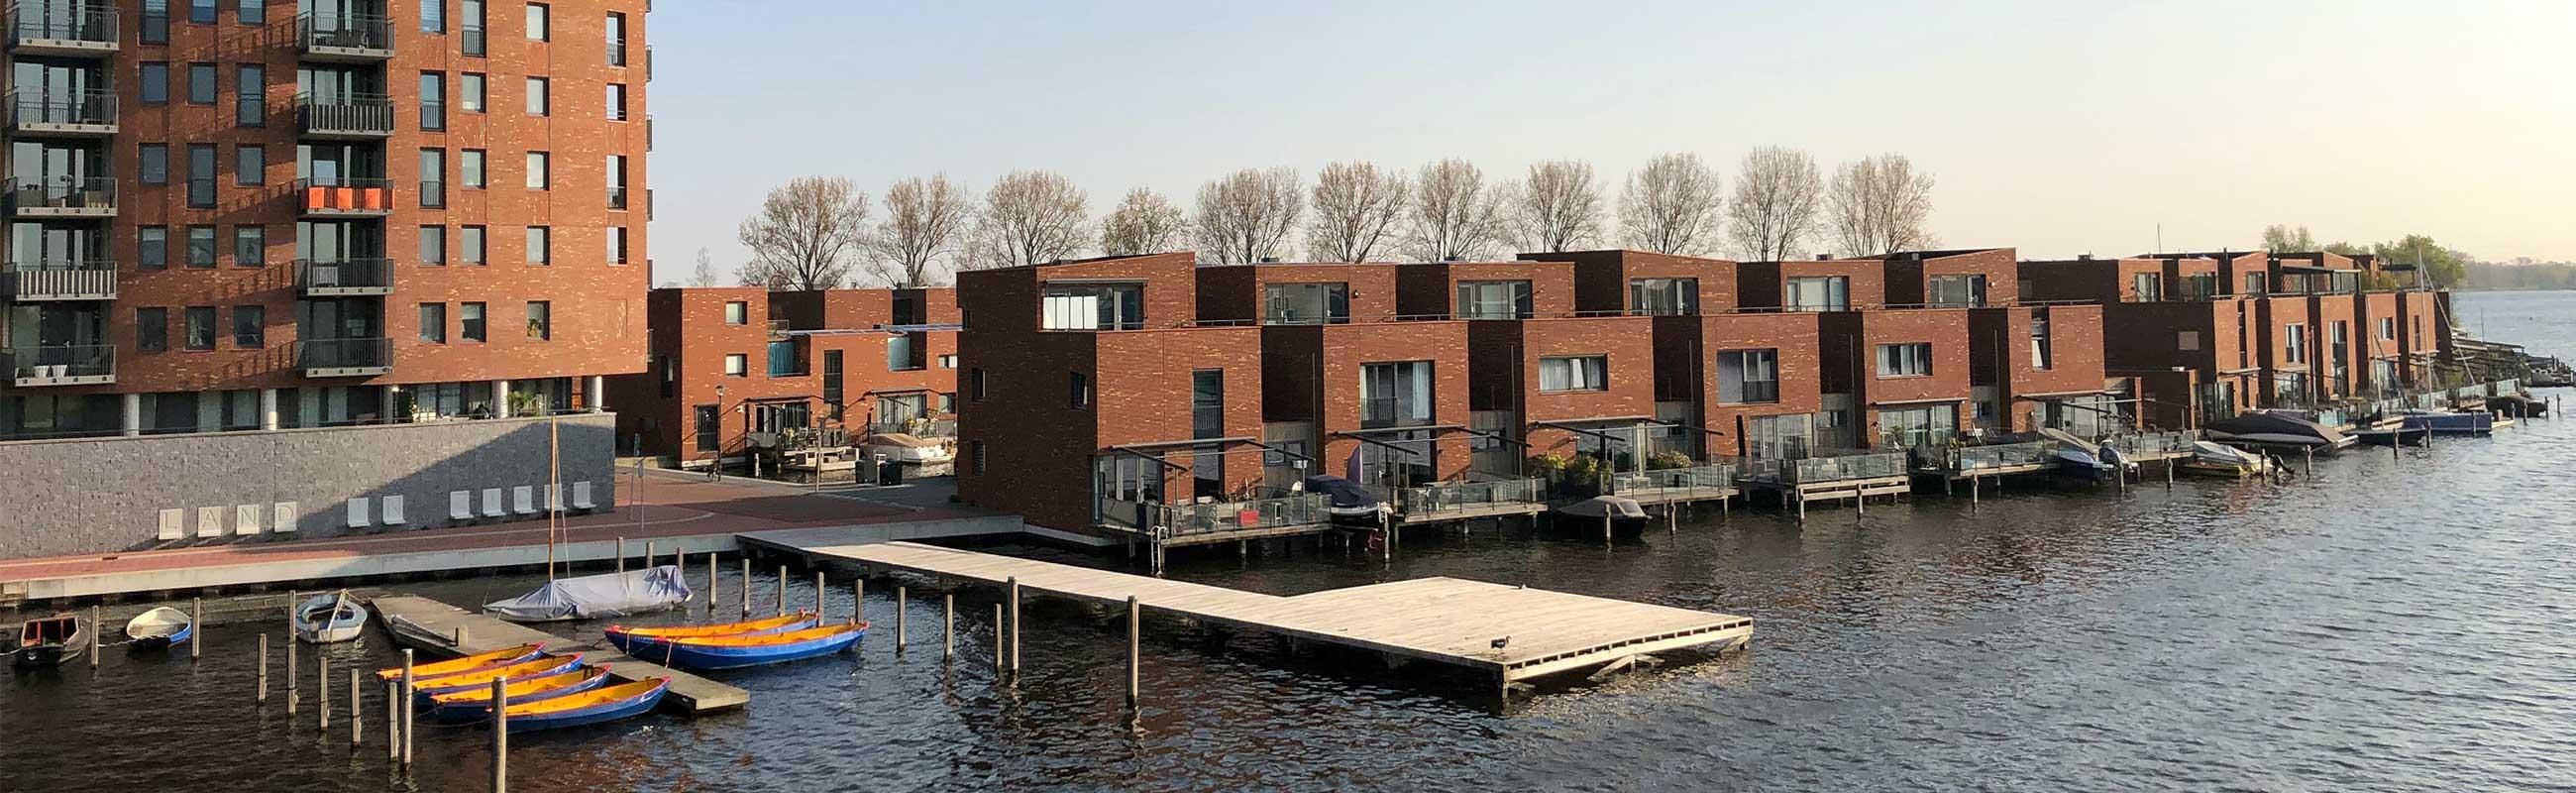 De Indische Buurt Noord in Haarlem Noord.